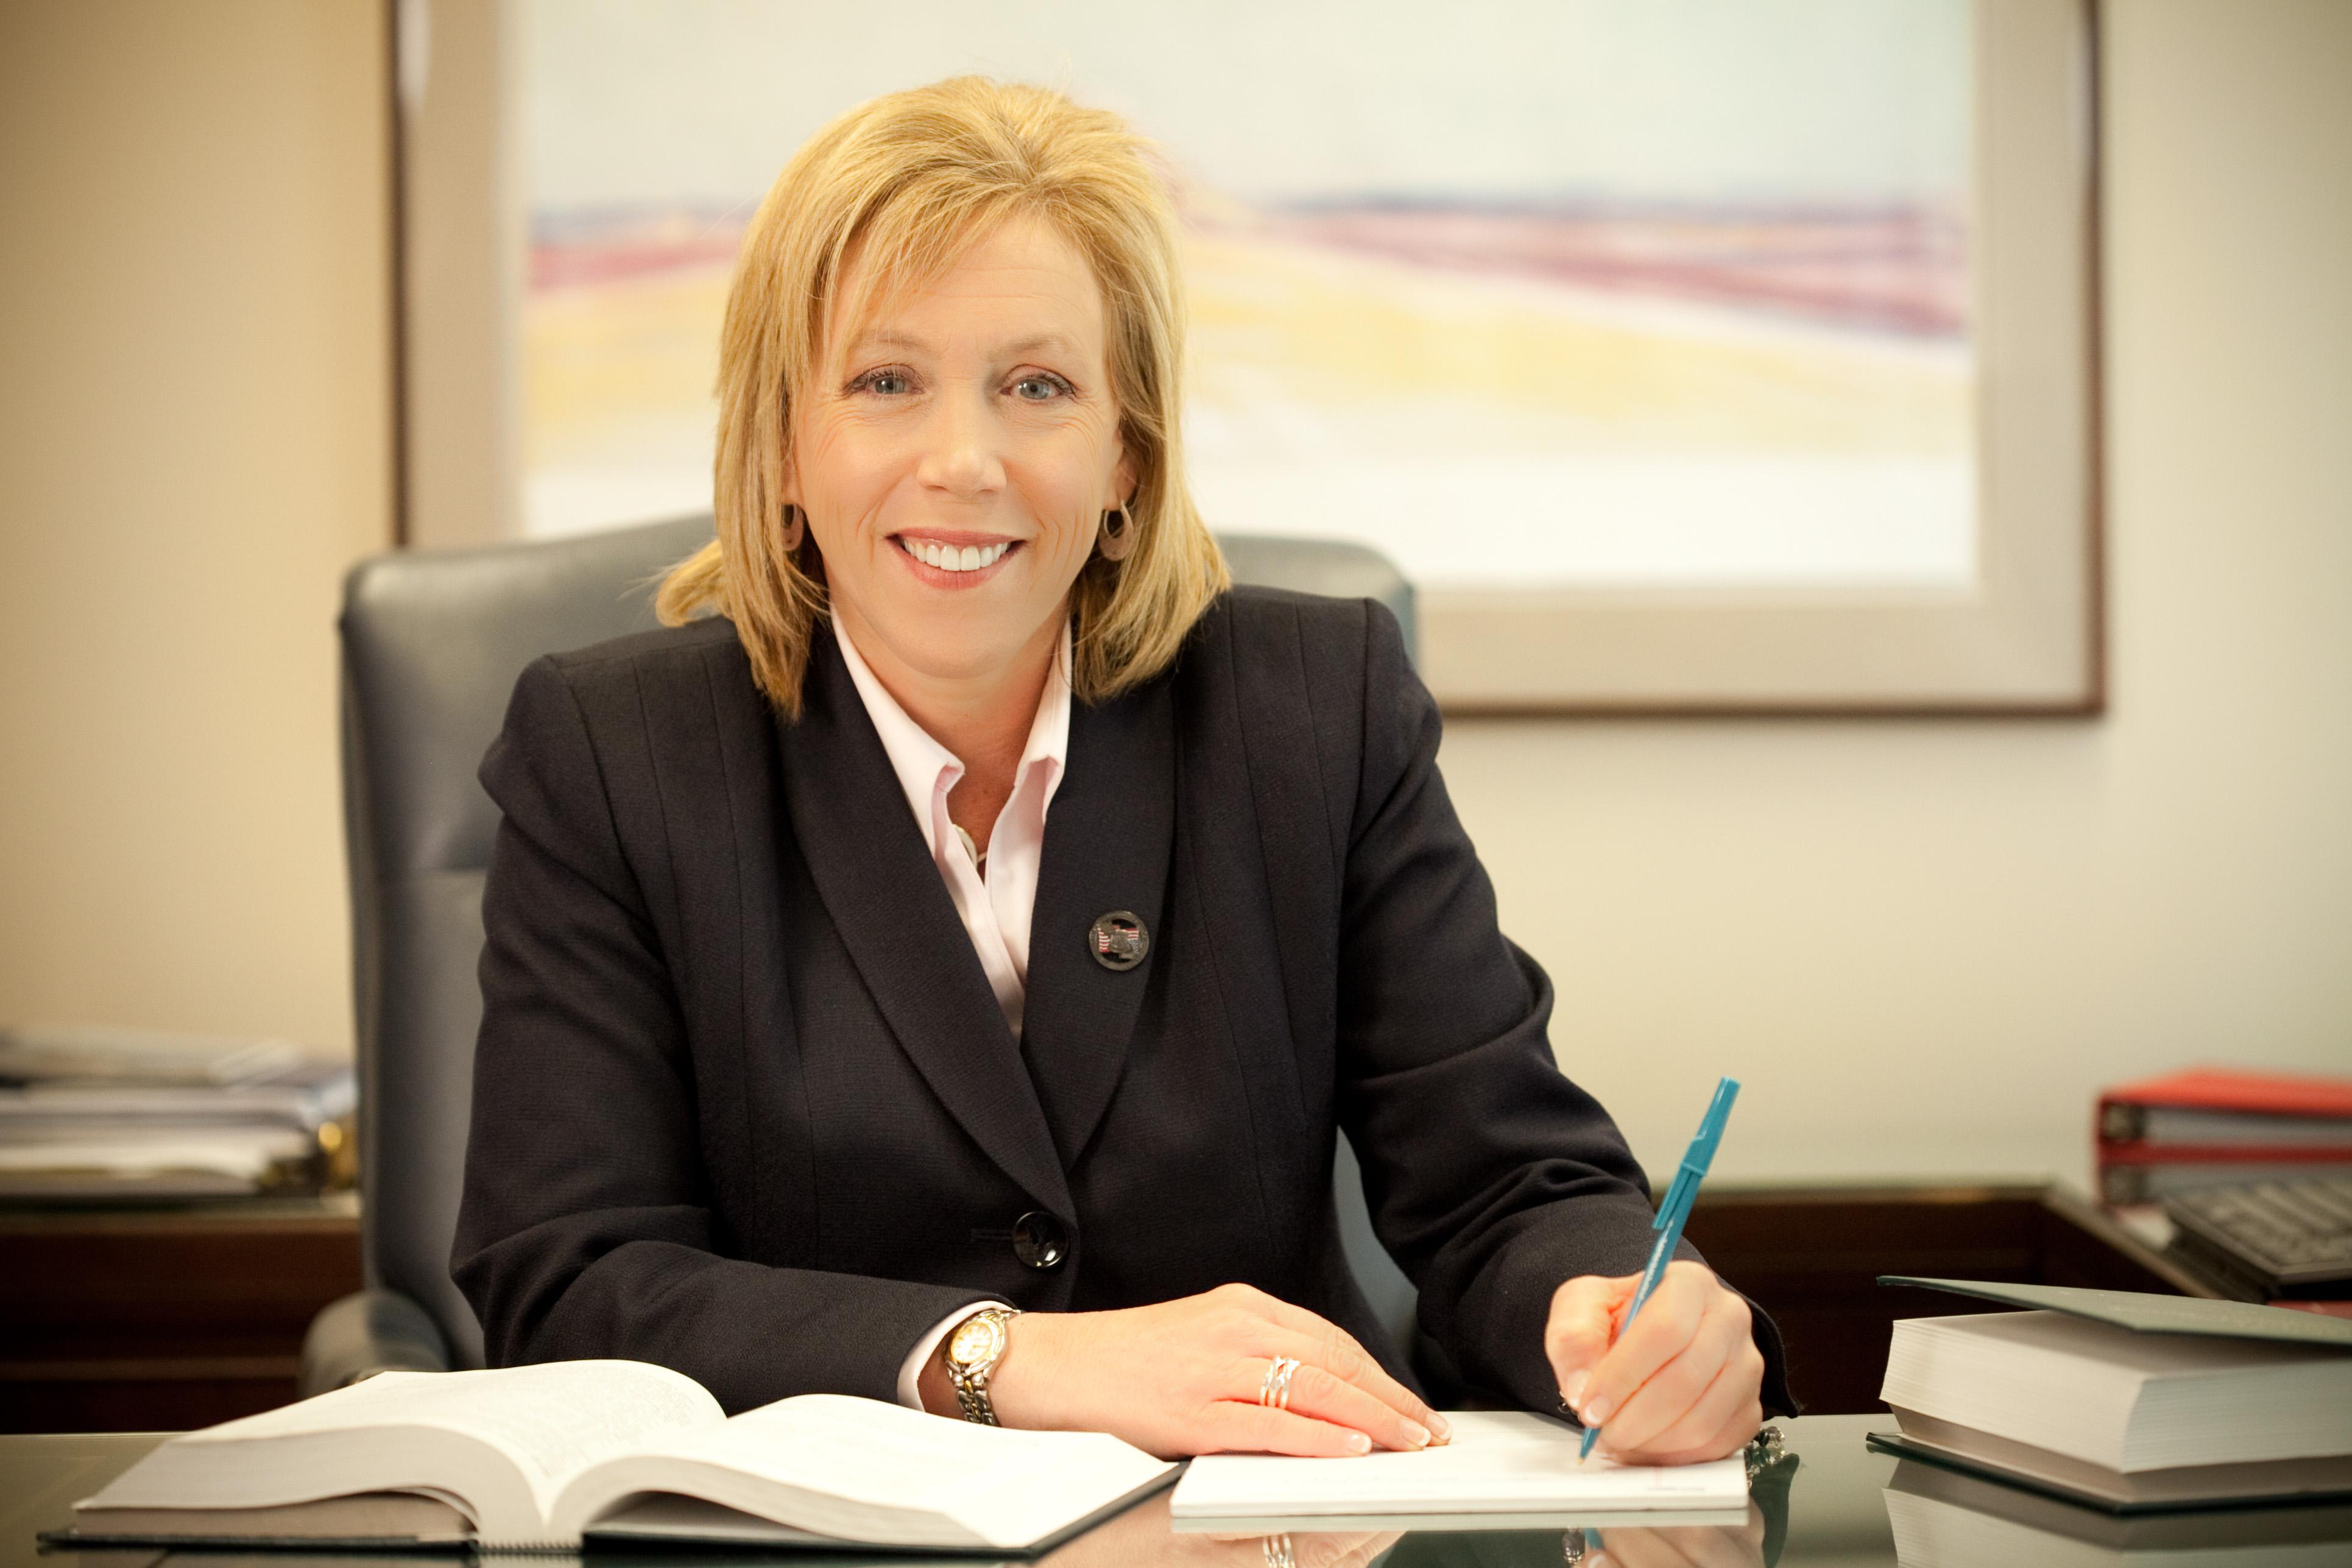 Anne Marie Schubert